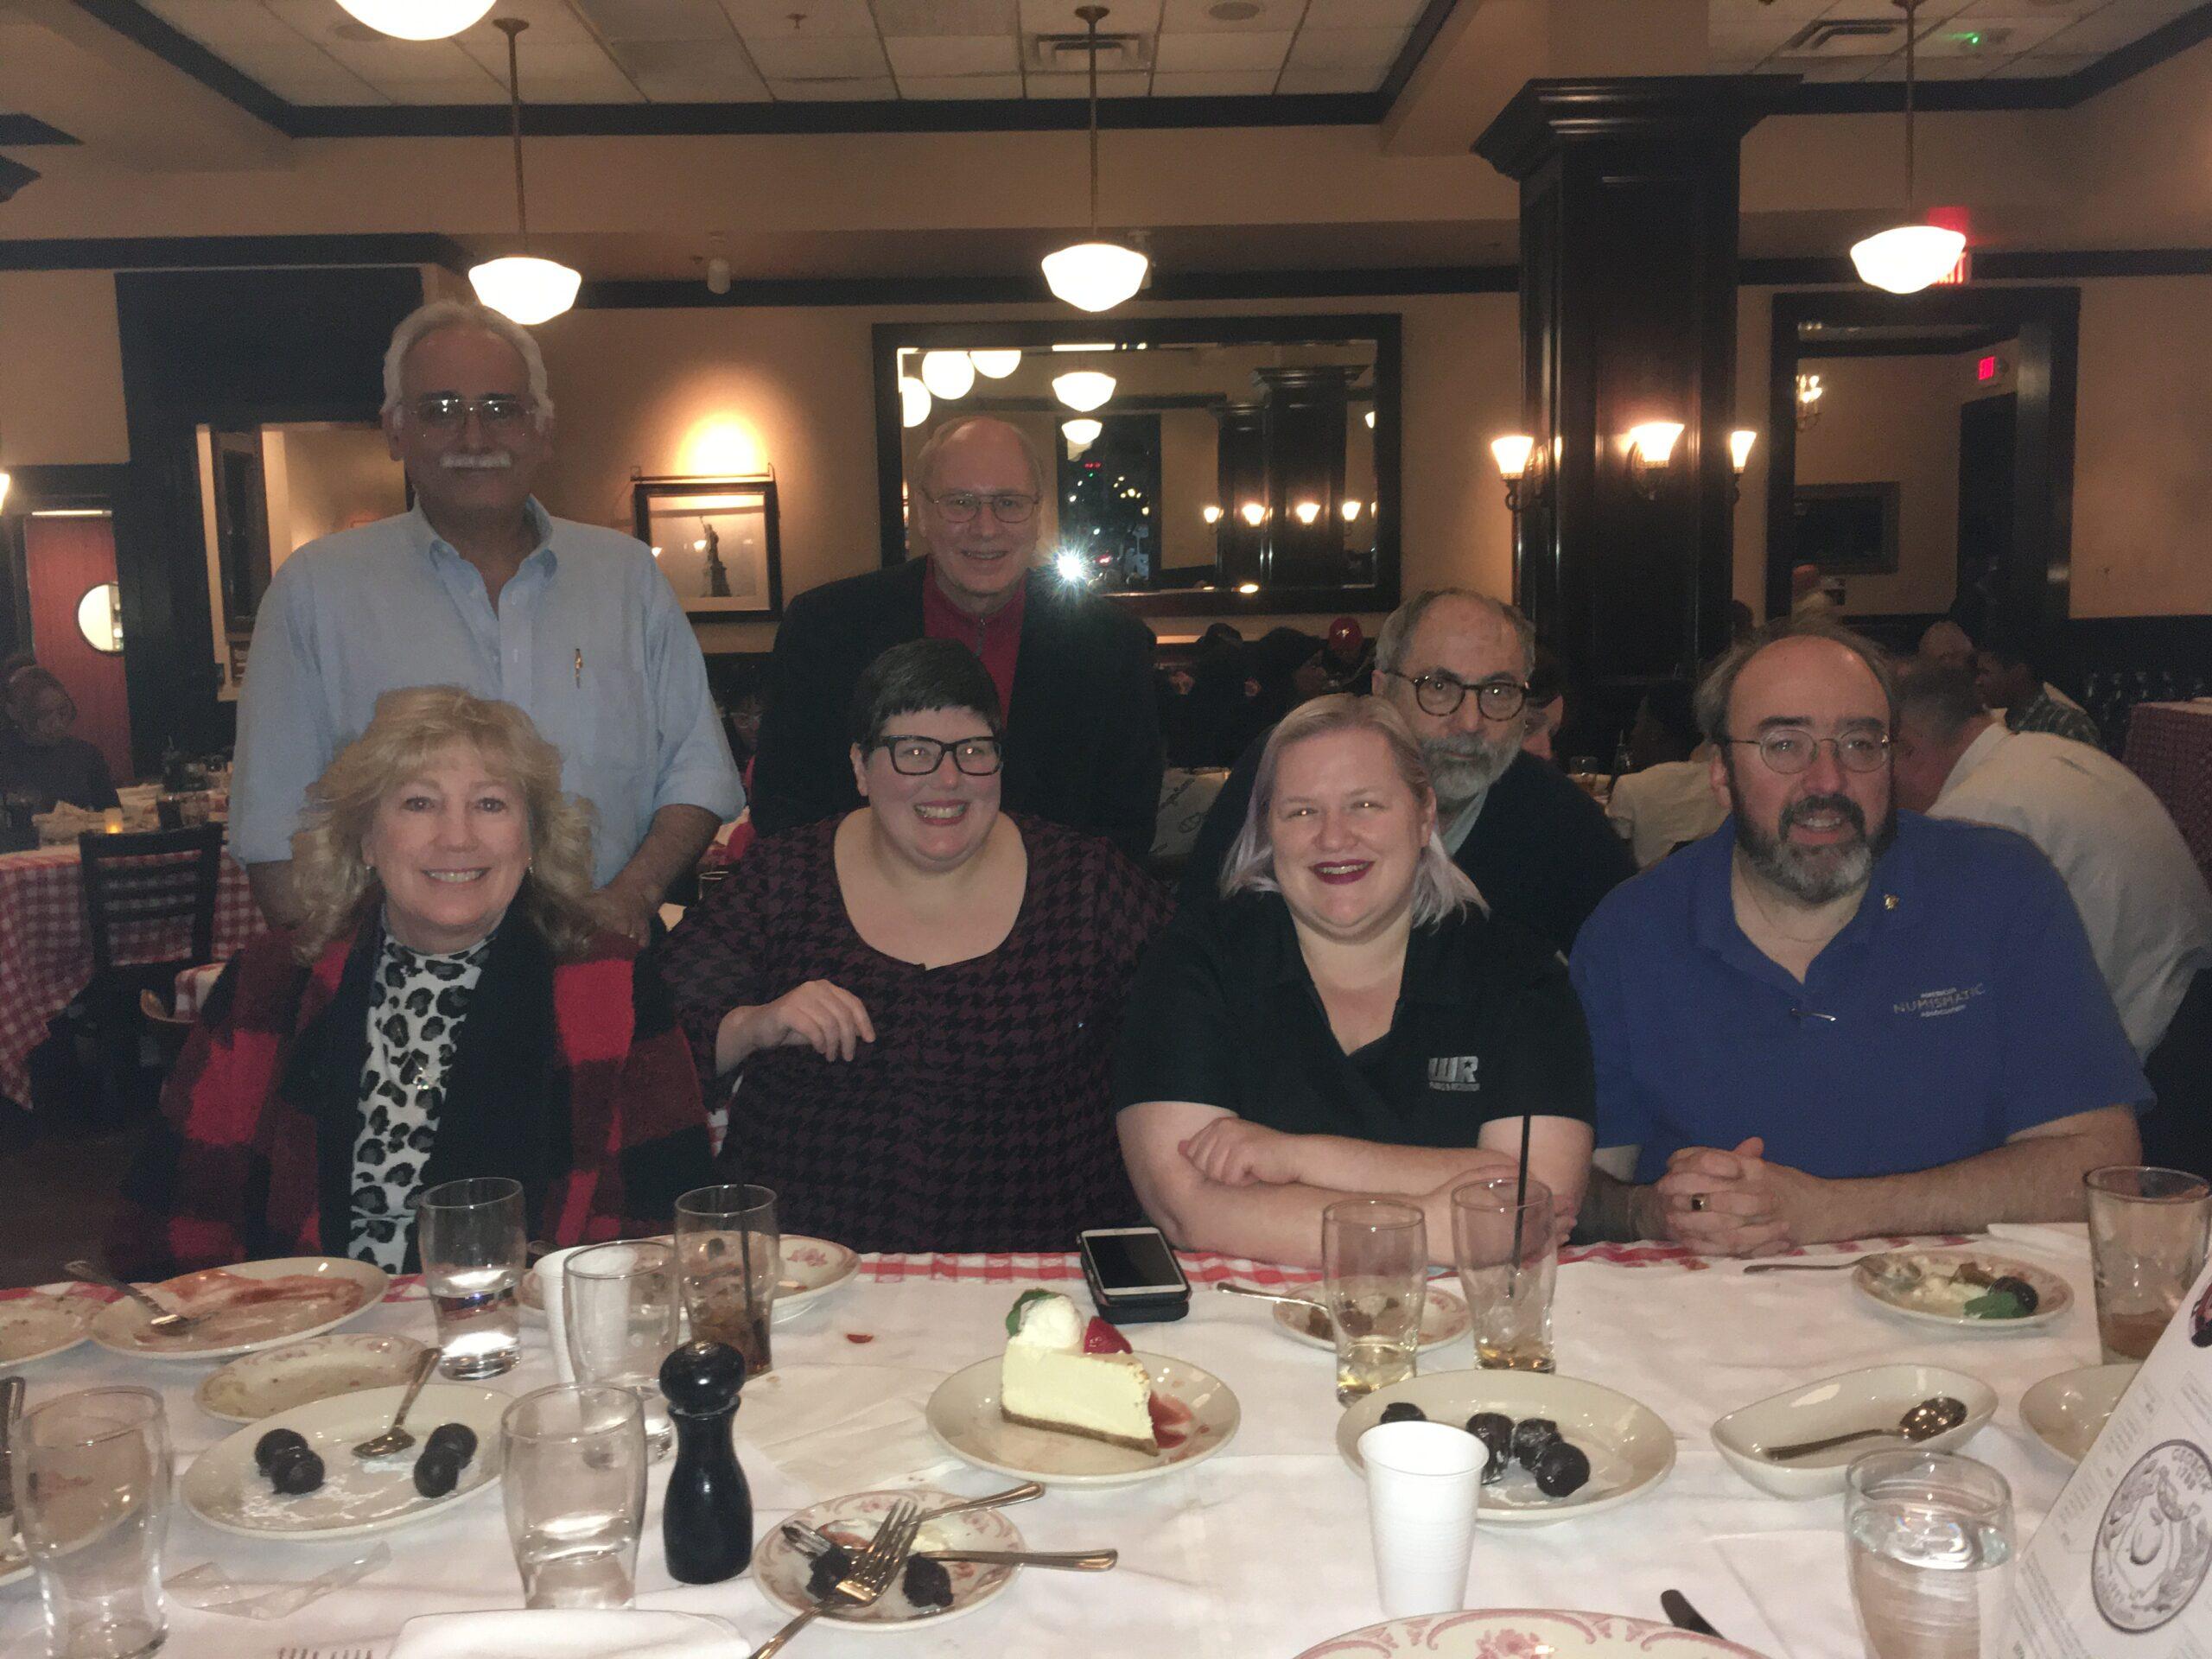 TFG Hosts Successful Dinner in Atlanta